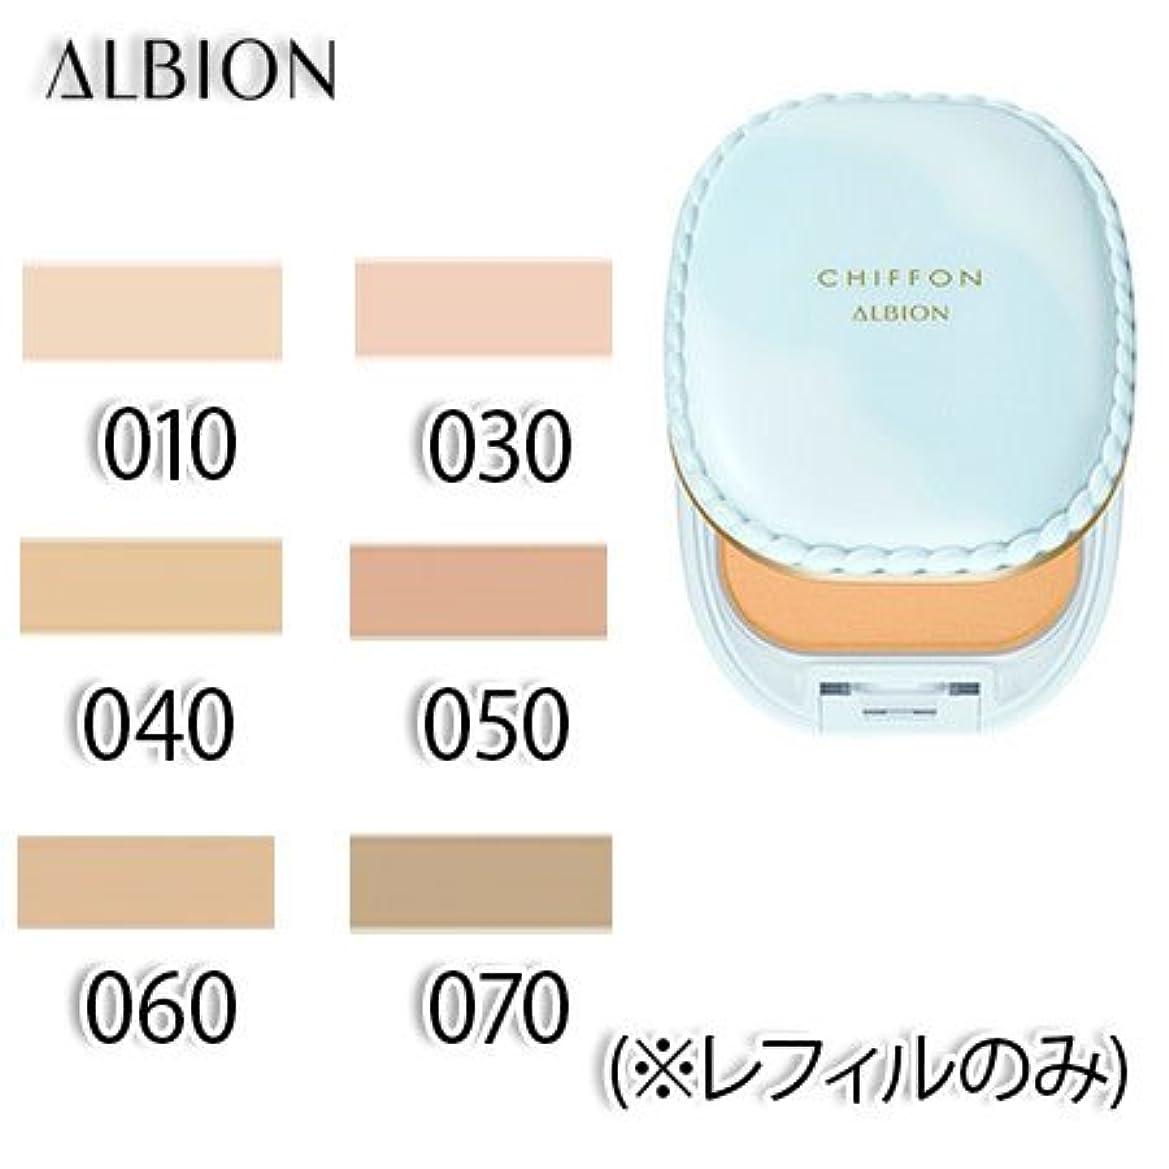 気候の山誕生日送料アルビオン スノー ホワイト シフォン 全6色 SPF25?PA++ 10g (レフィルのみ) -ALBION- 050